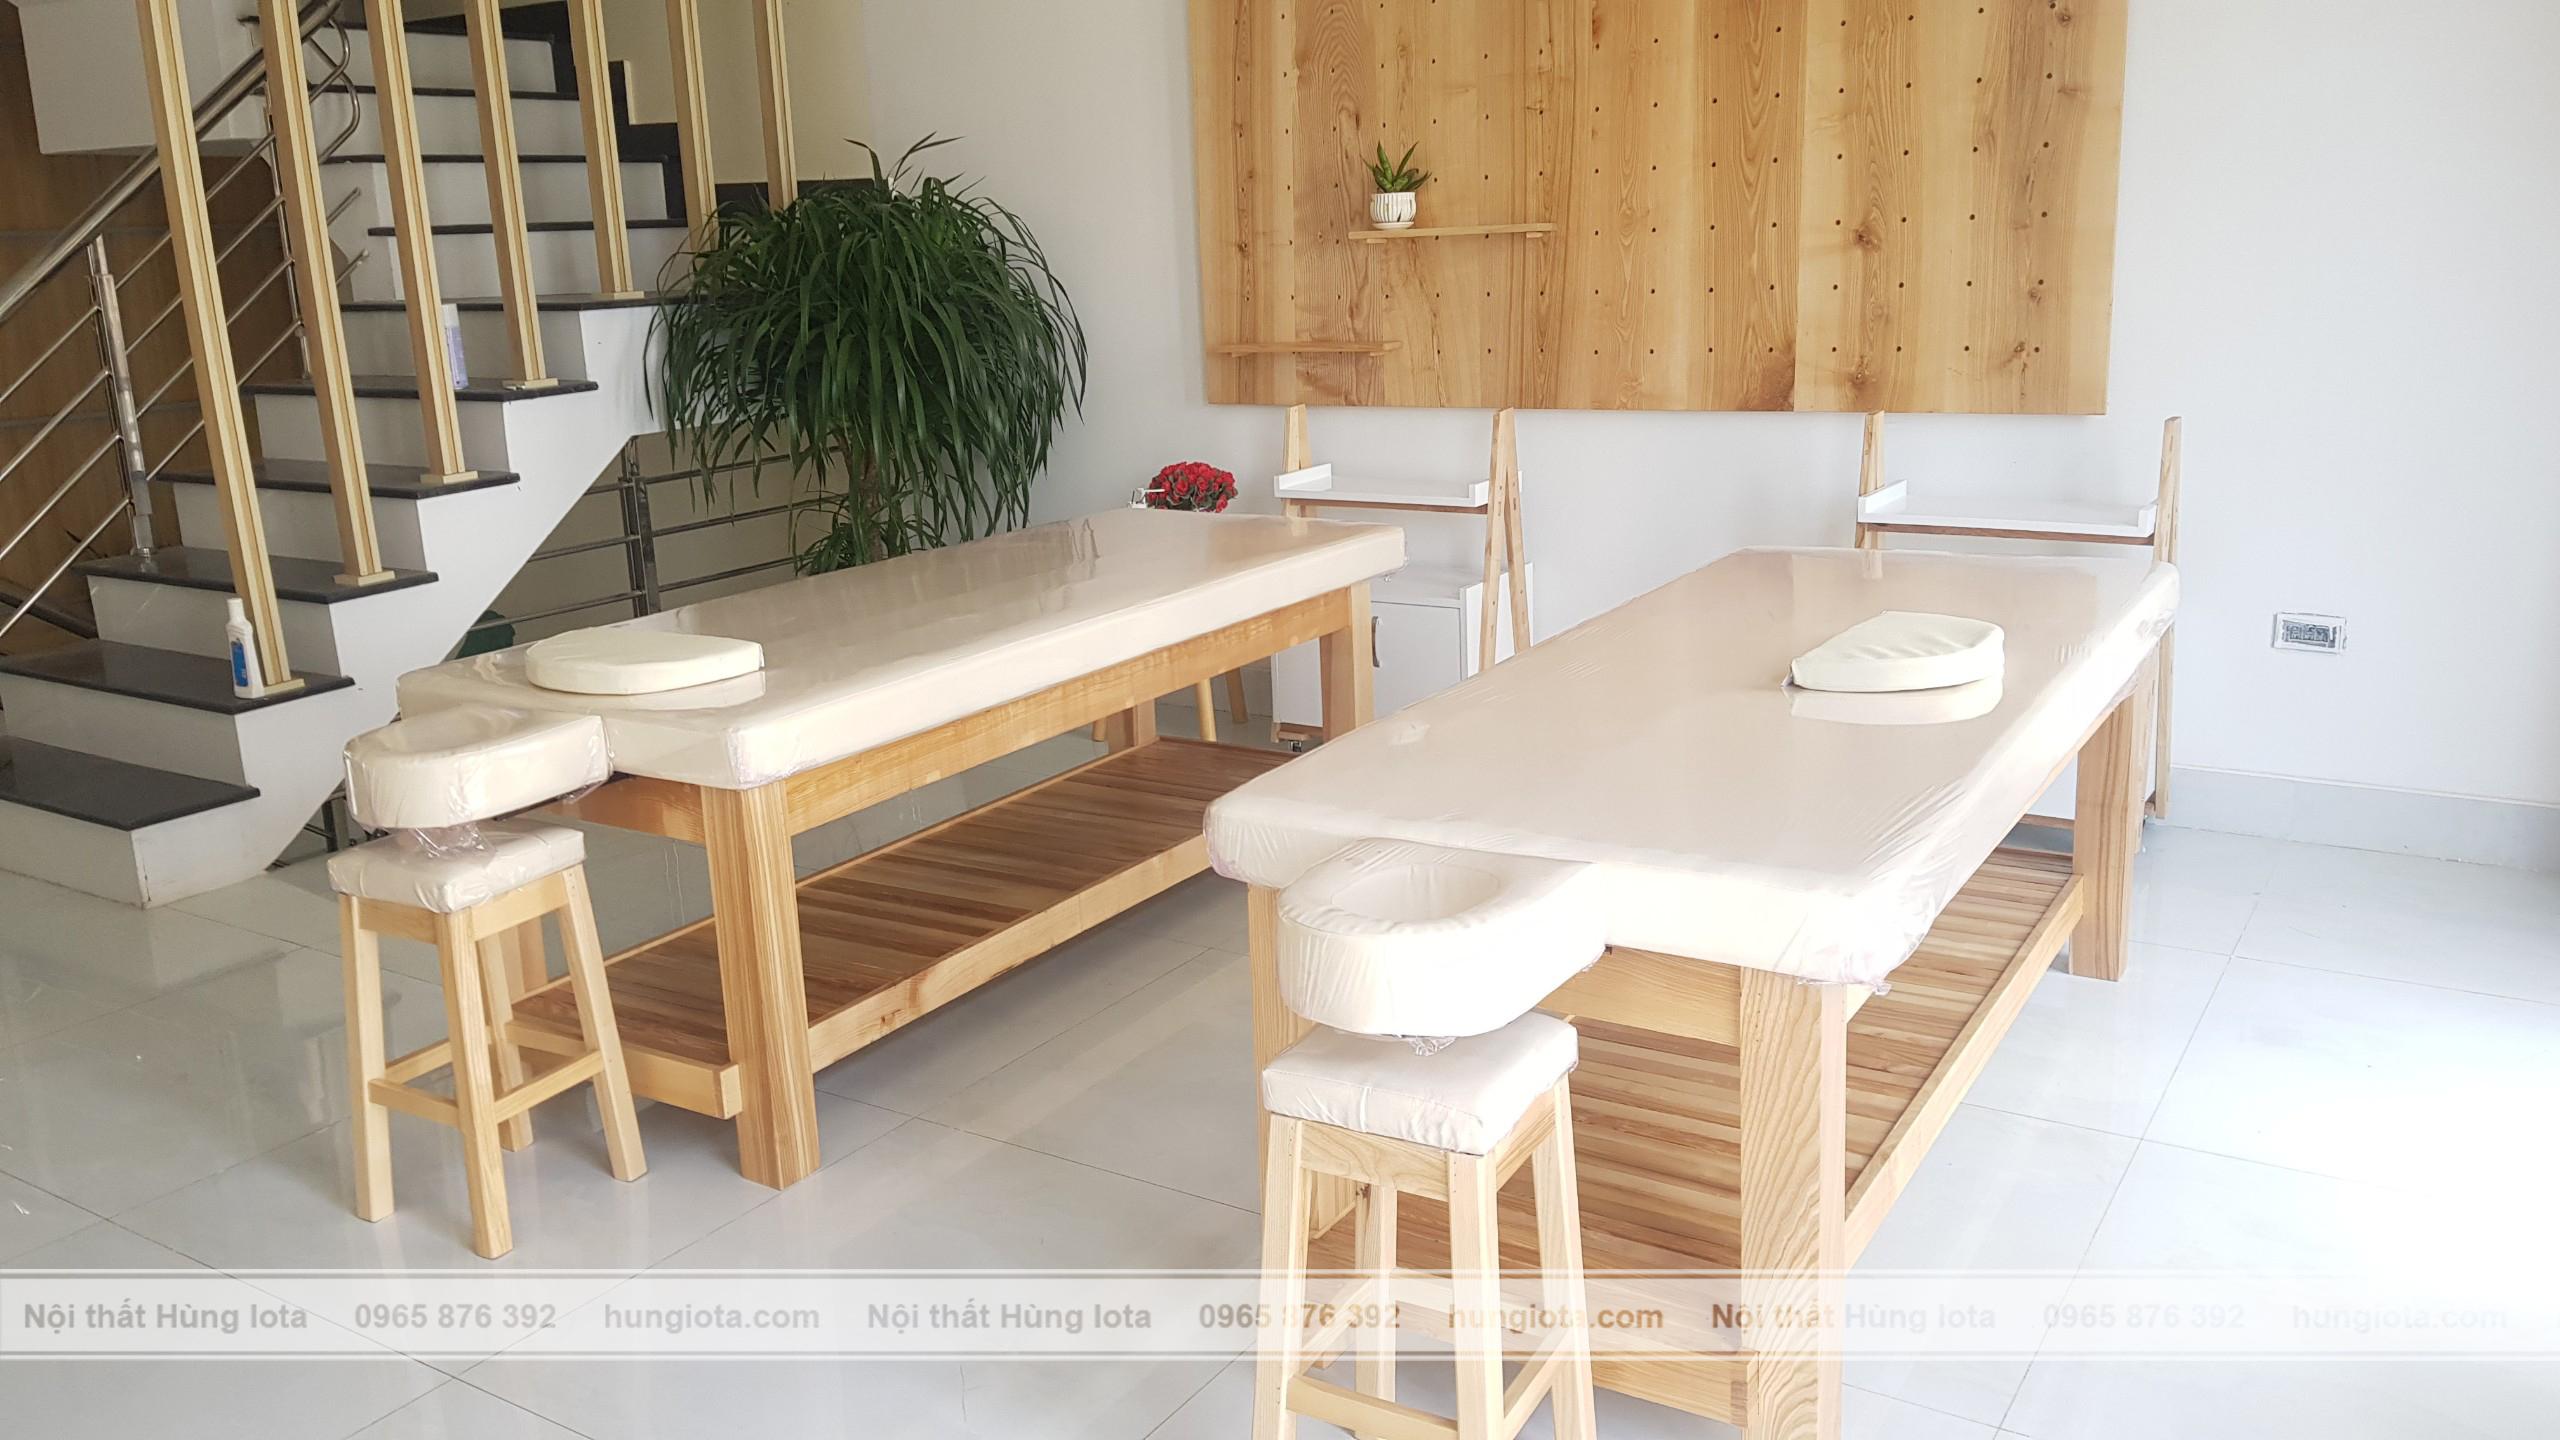 Giường spa gỗ decor & kệ treo tường decor cho spa, thẩm mỹ viện